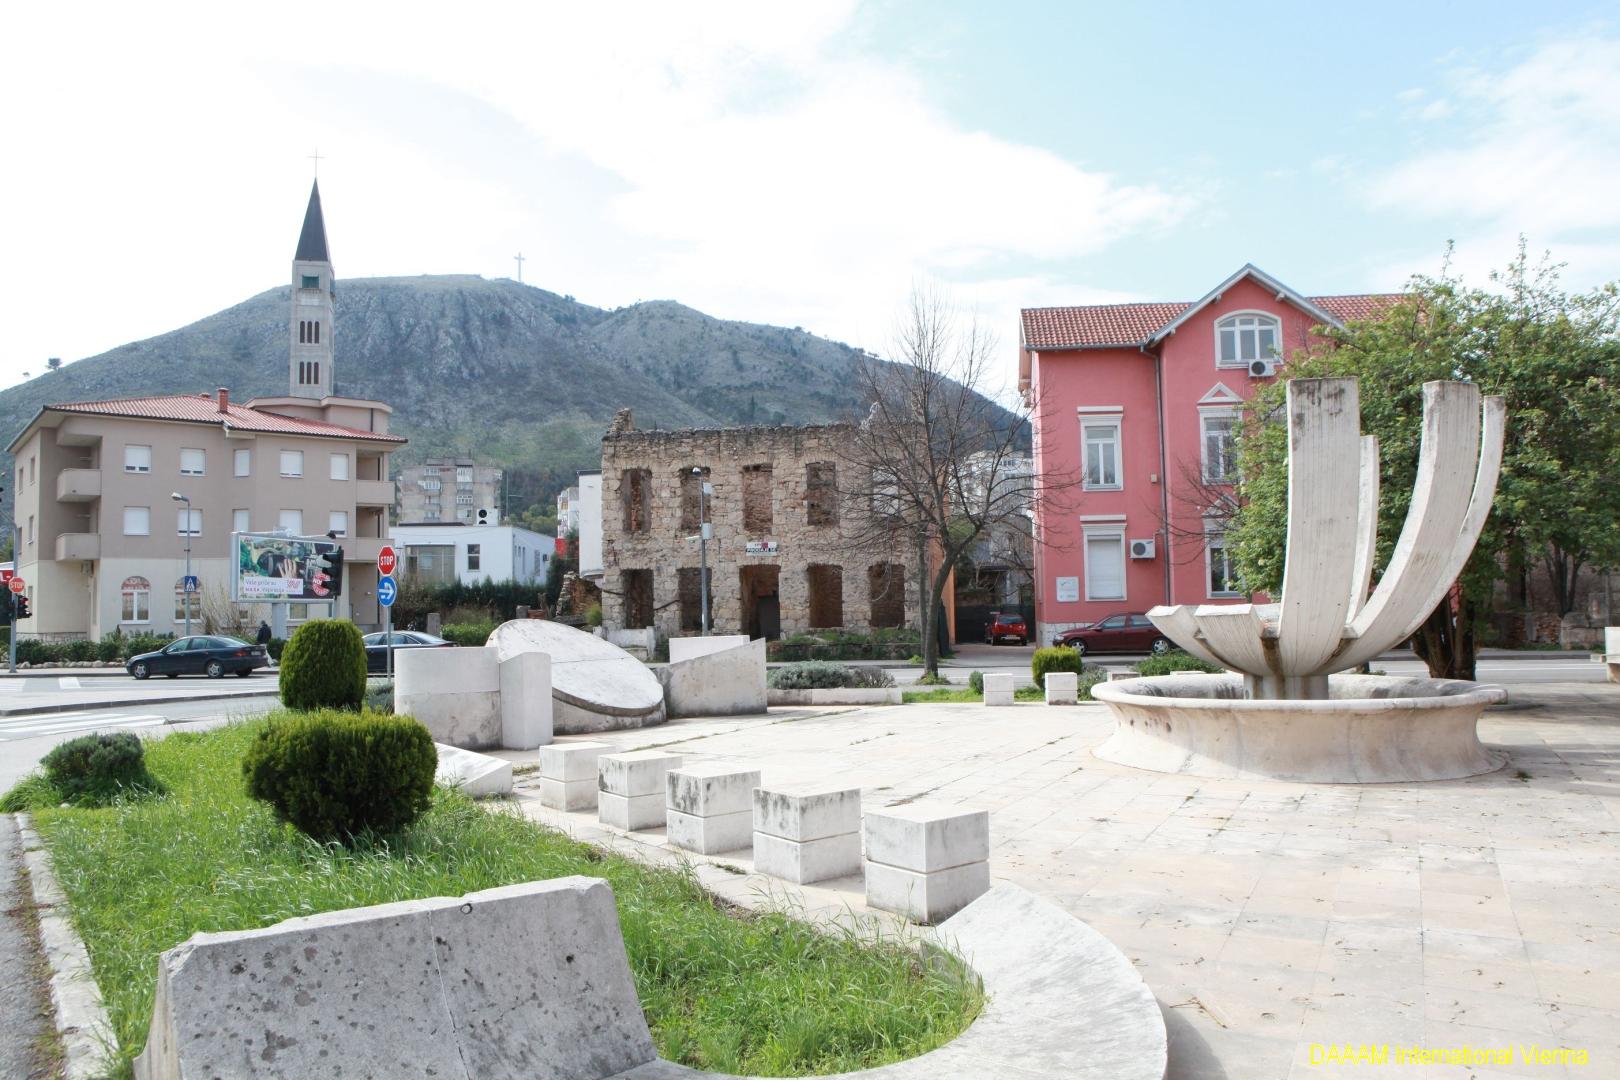 DAAAM_2016_Mostar_01_Magic_City_of_Mostar_006